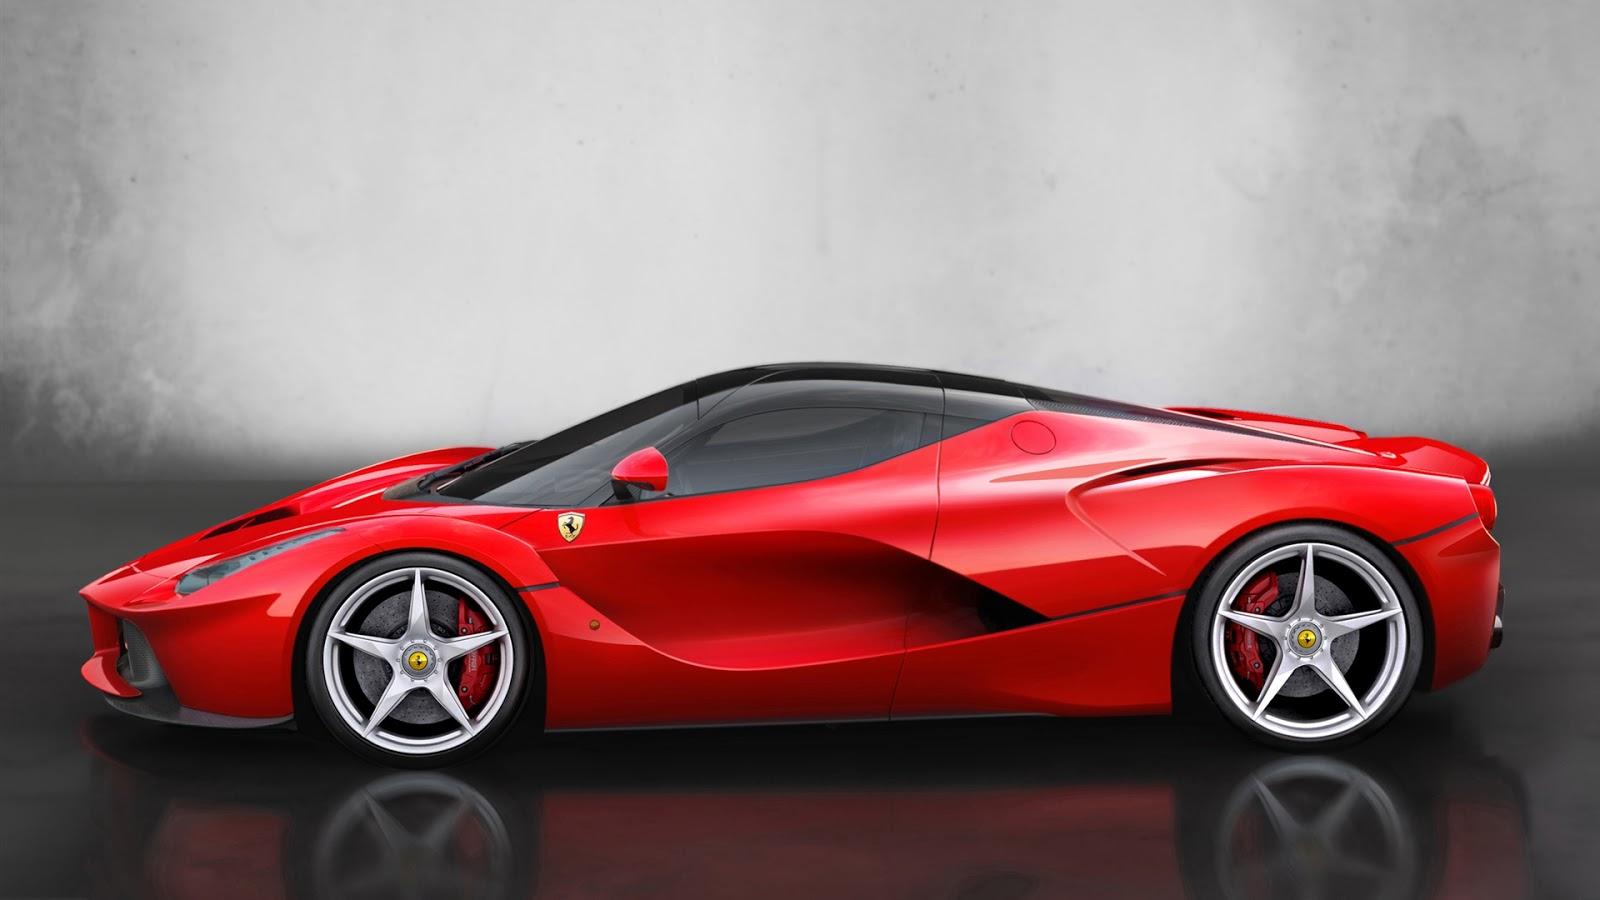 Ferrari Red Supercar | Full HD Desktop Wallpapers 1080p